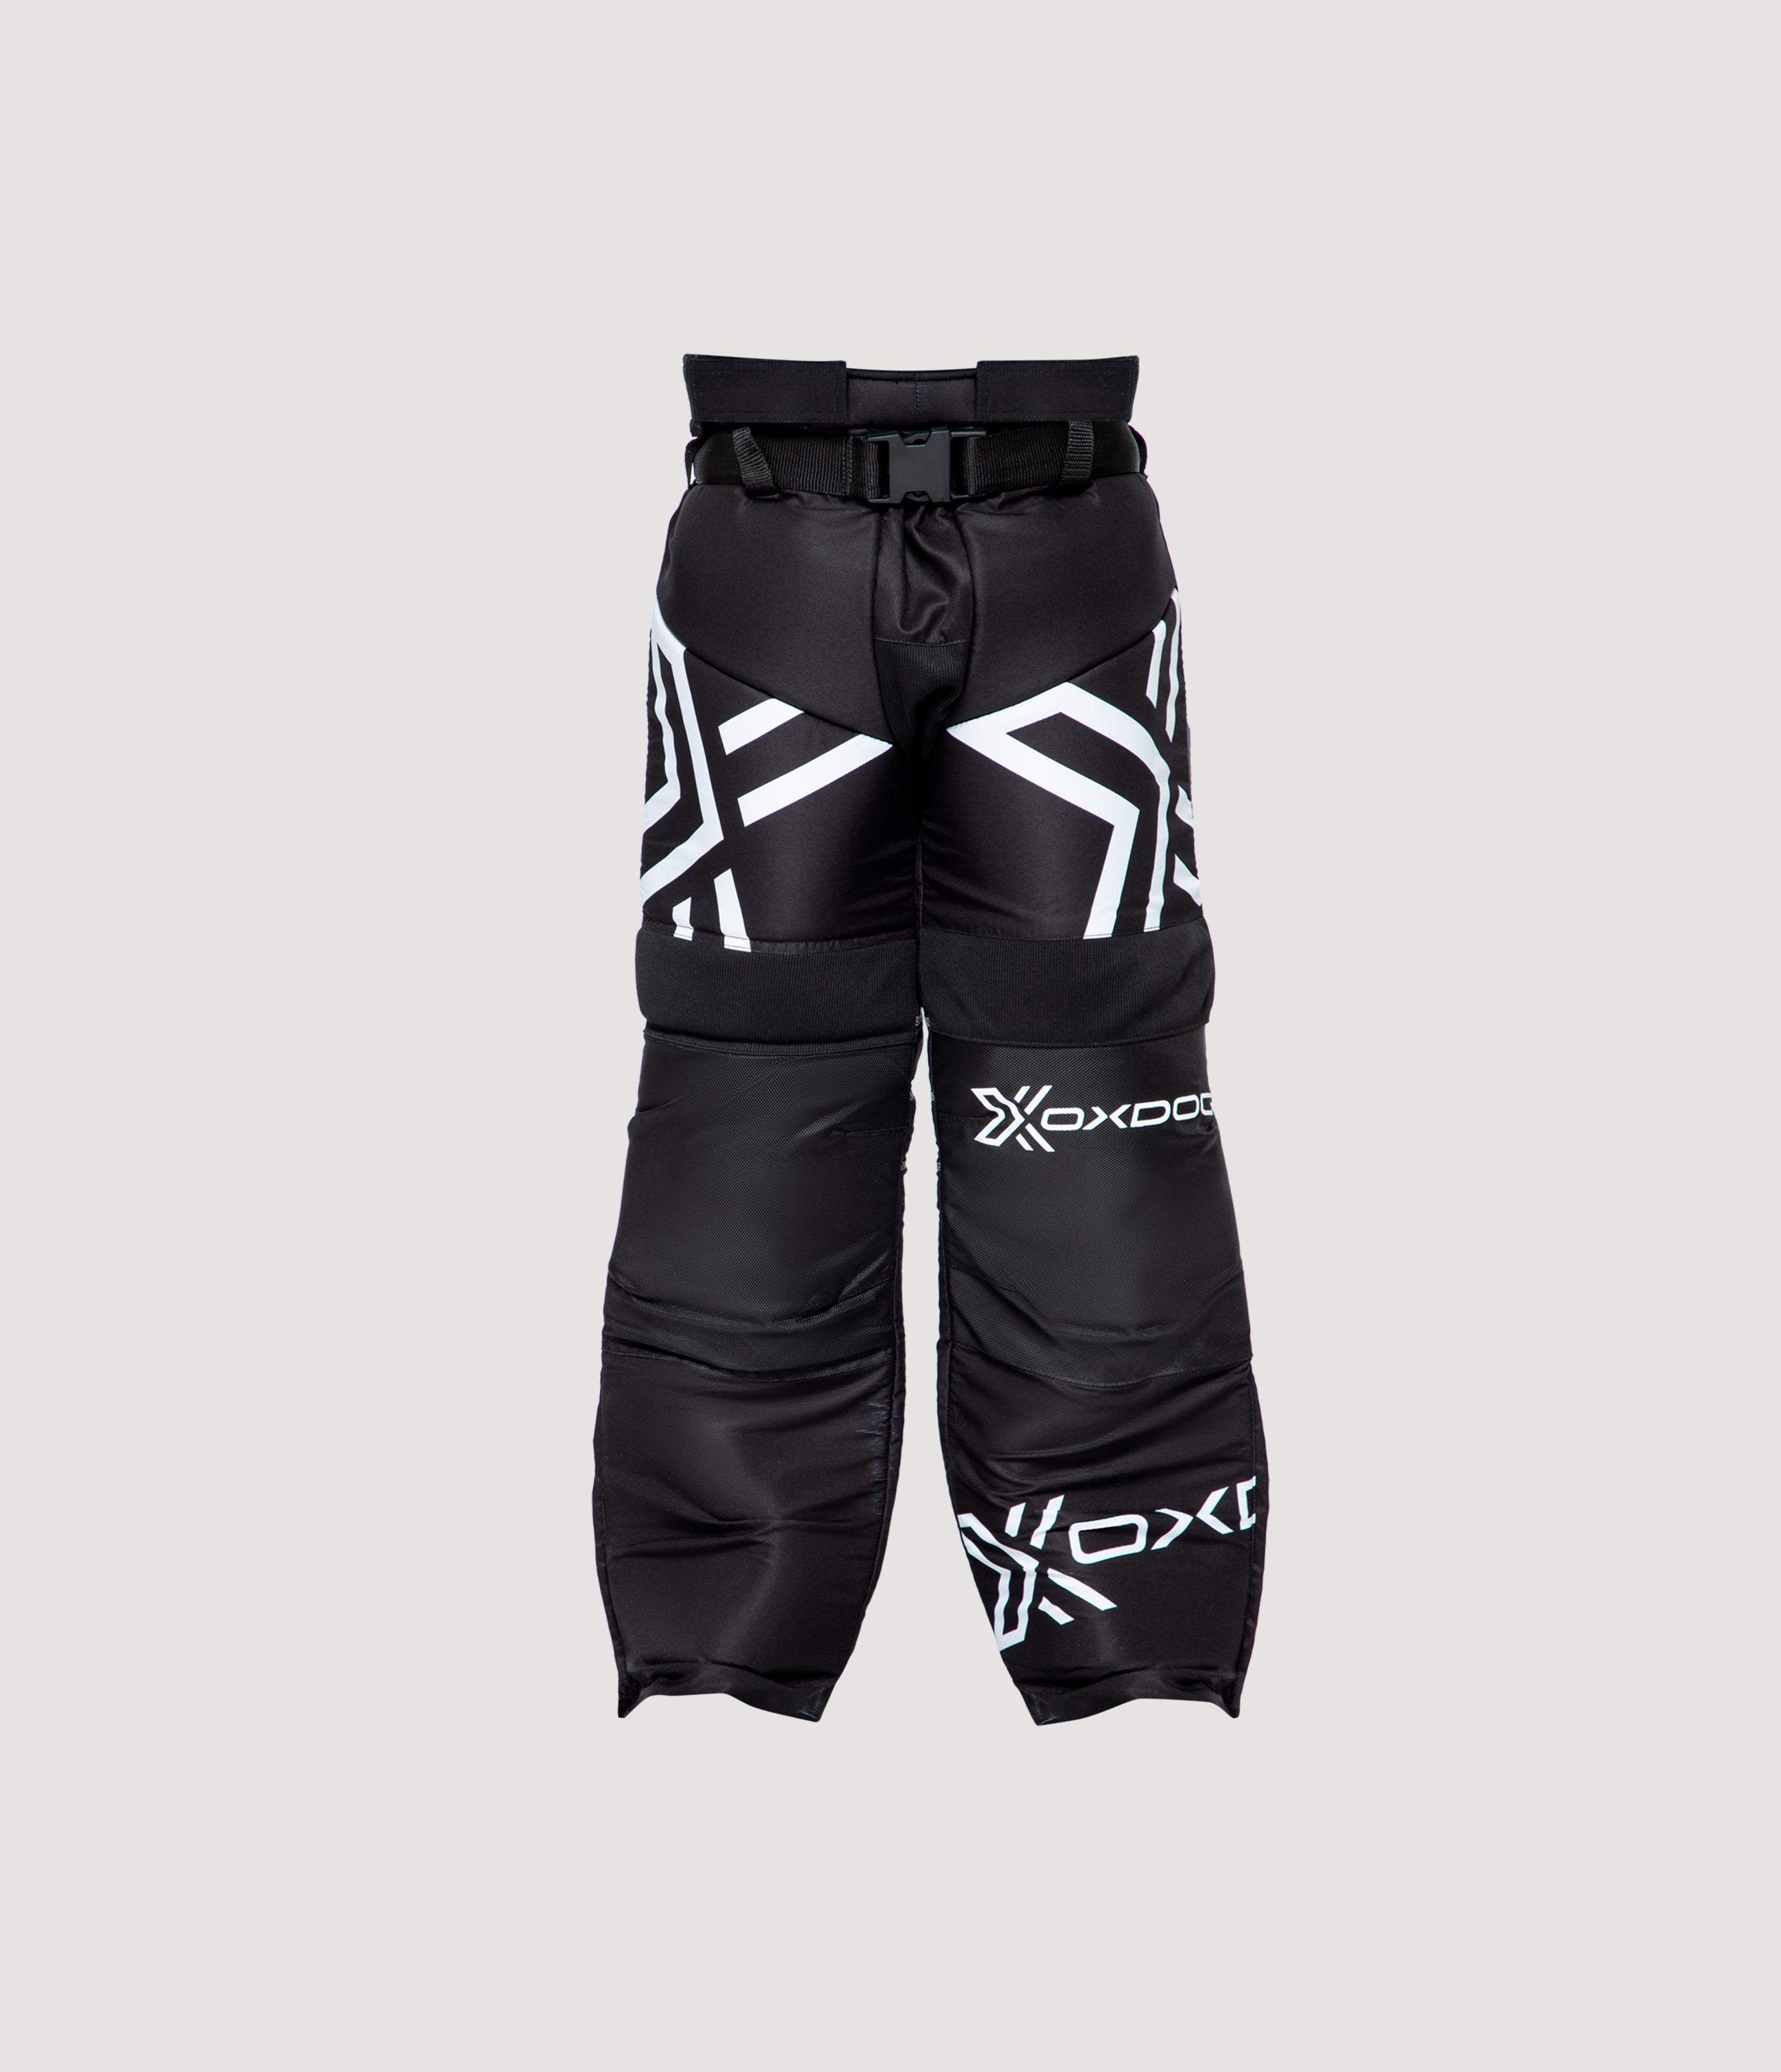 XGuard Goalie Pants JR Front